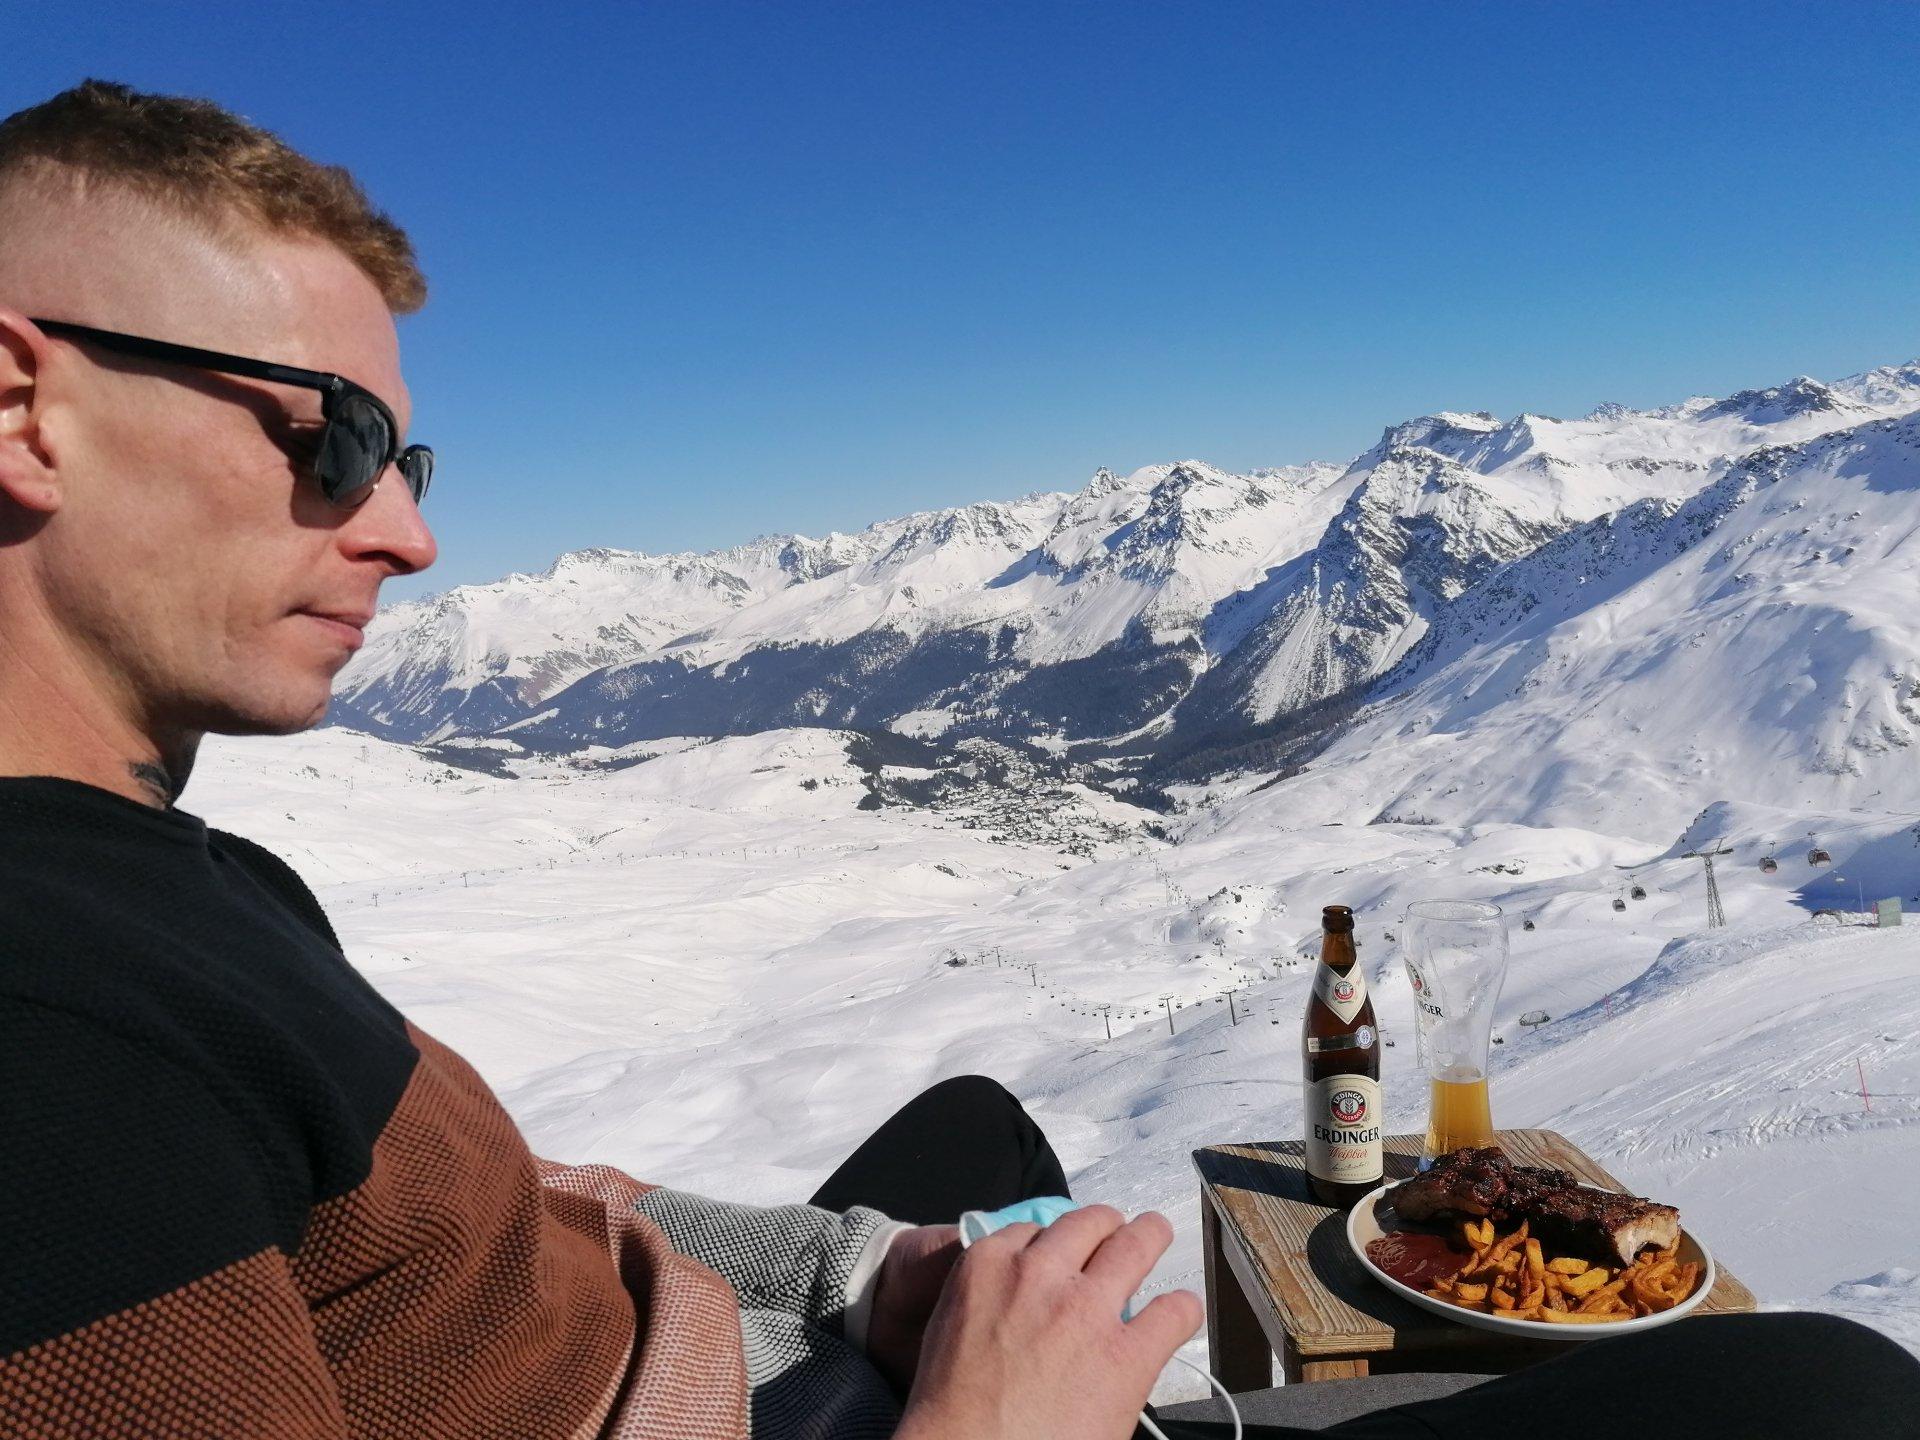 AlexAnder19 aus Graubünden,Schweiz